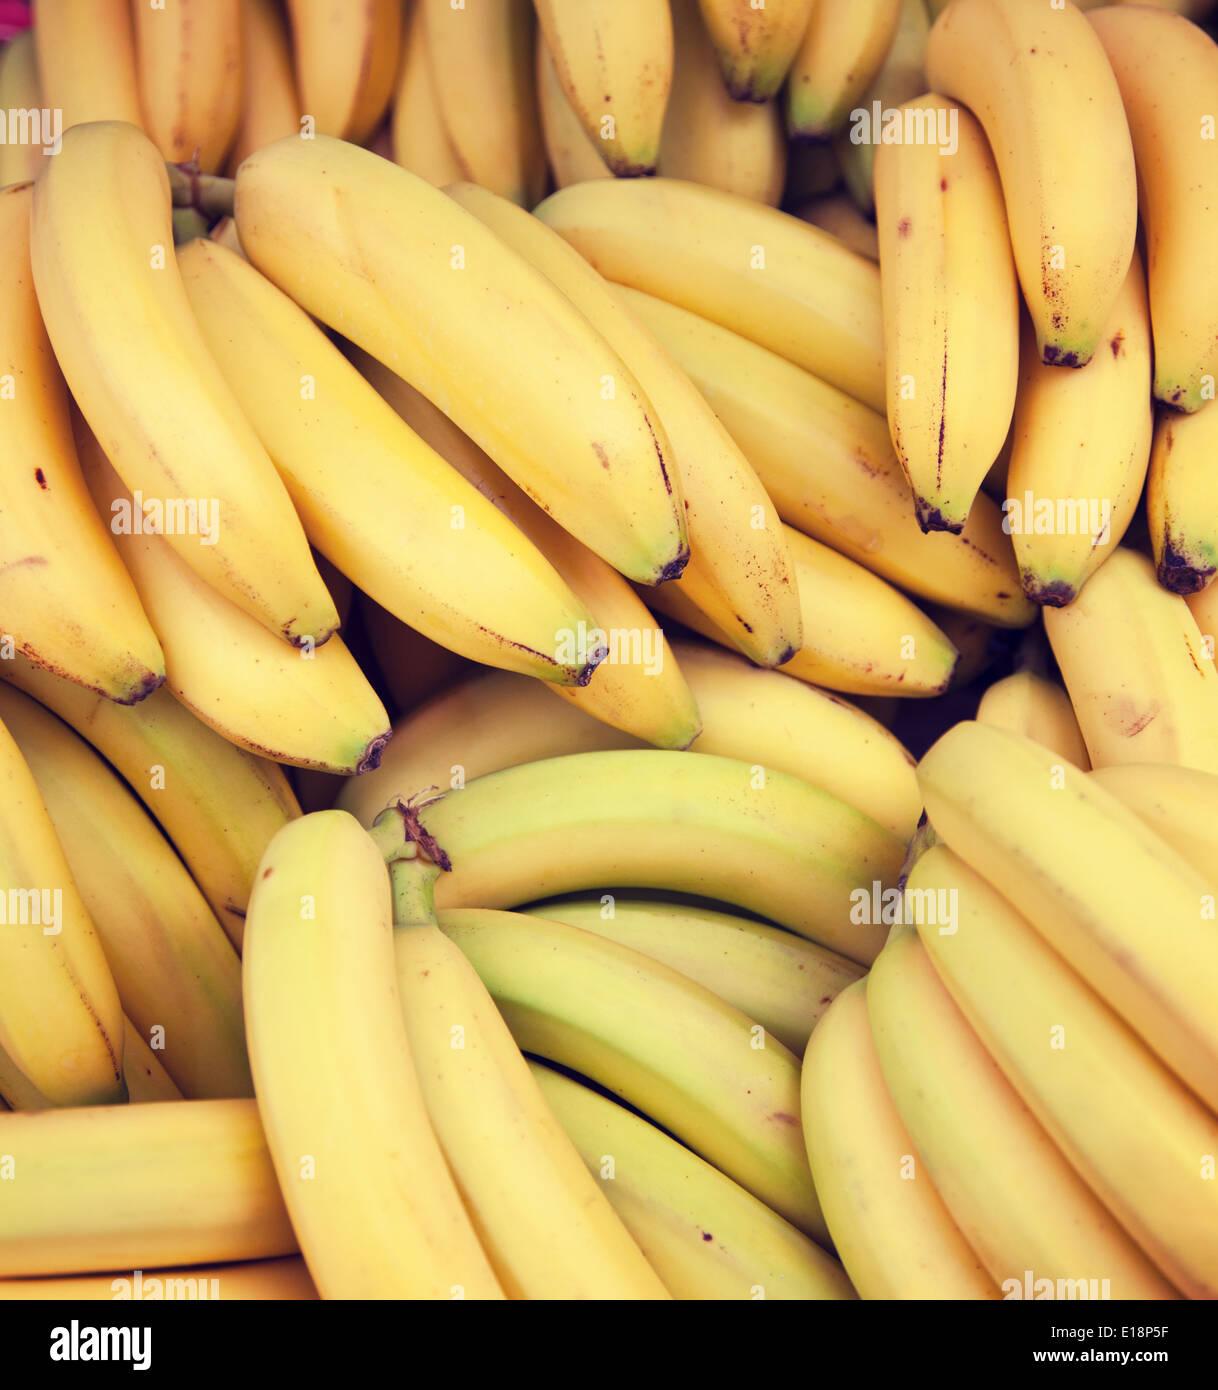 Haufen von reifen Bananen Stockbild